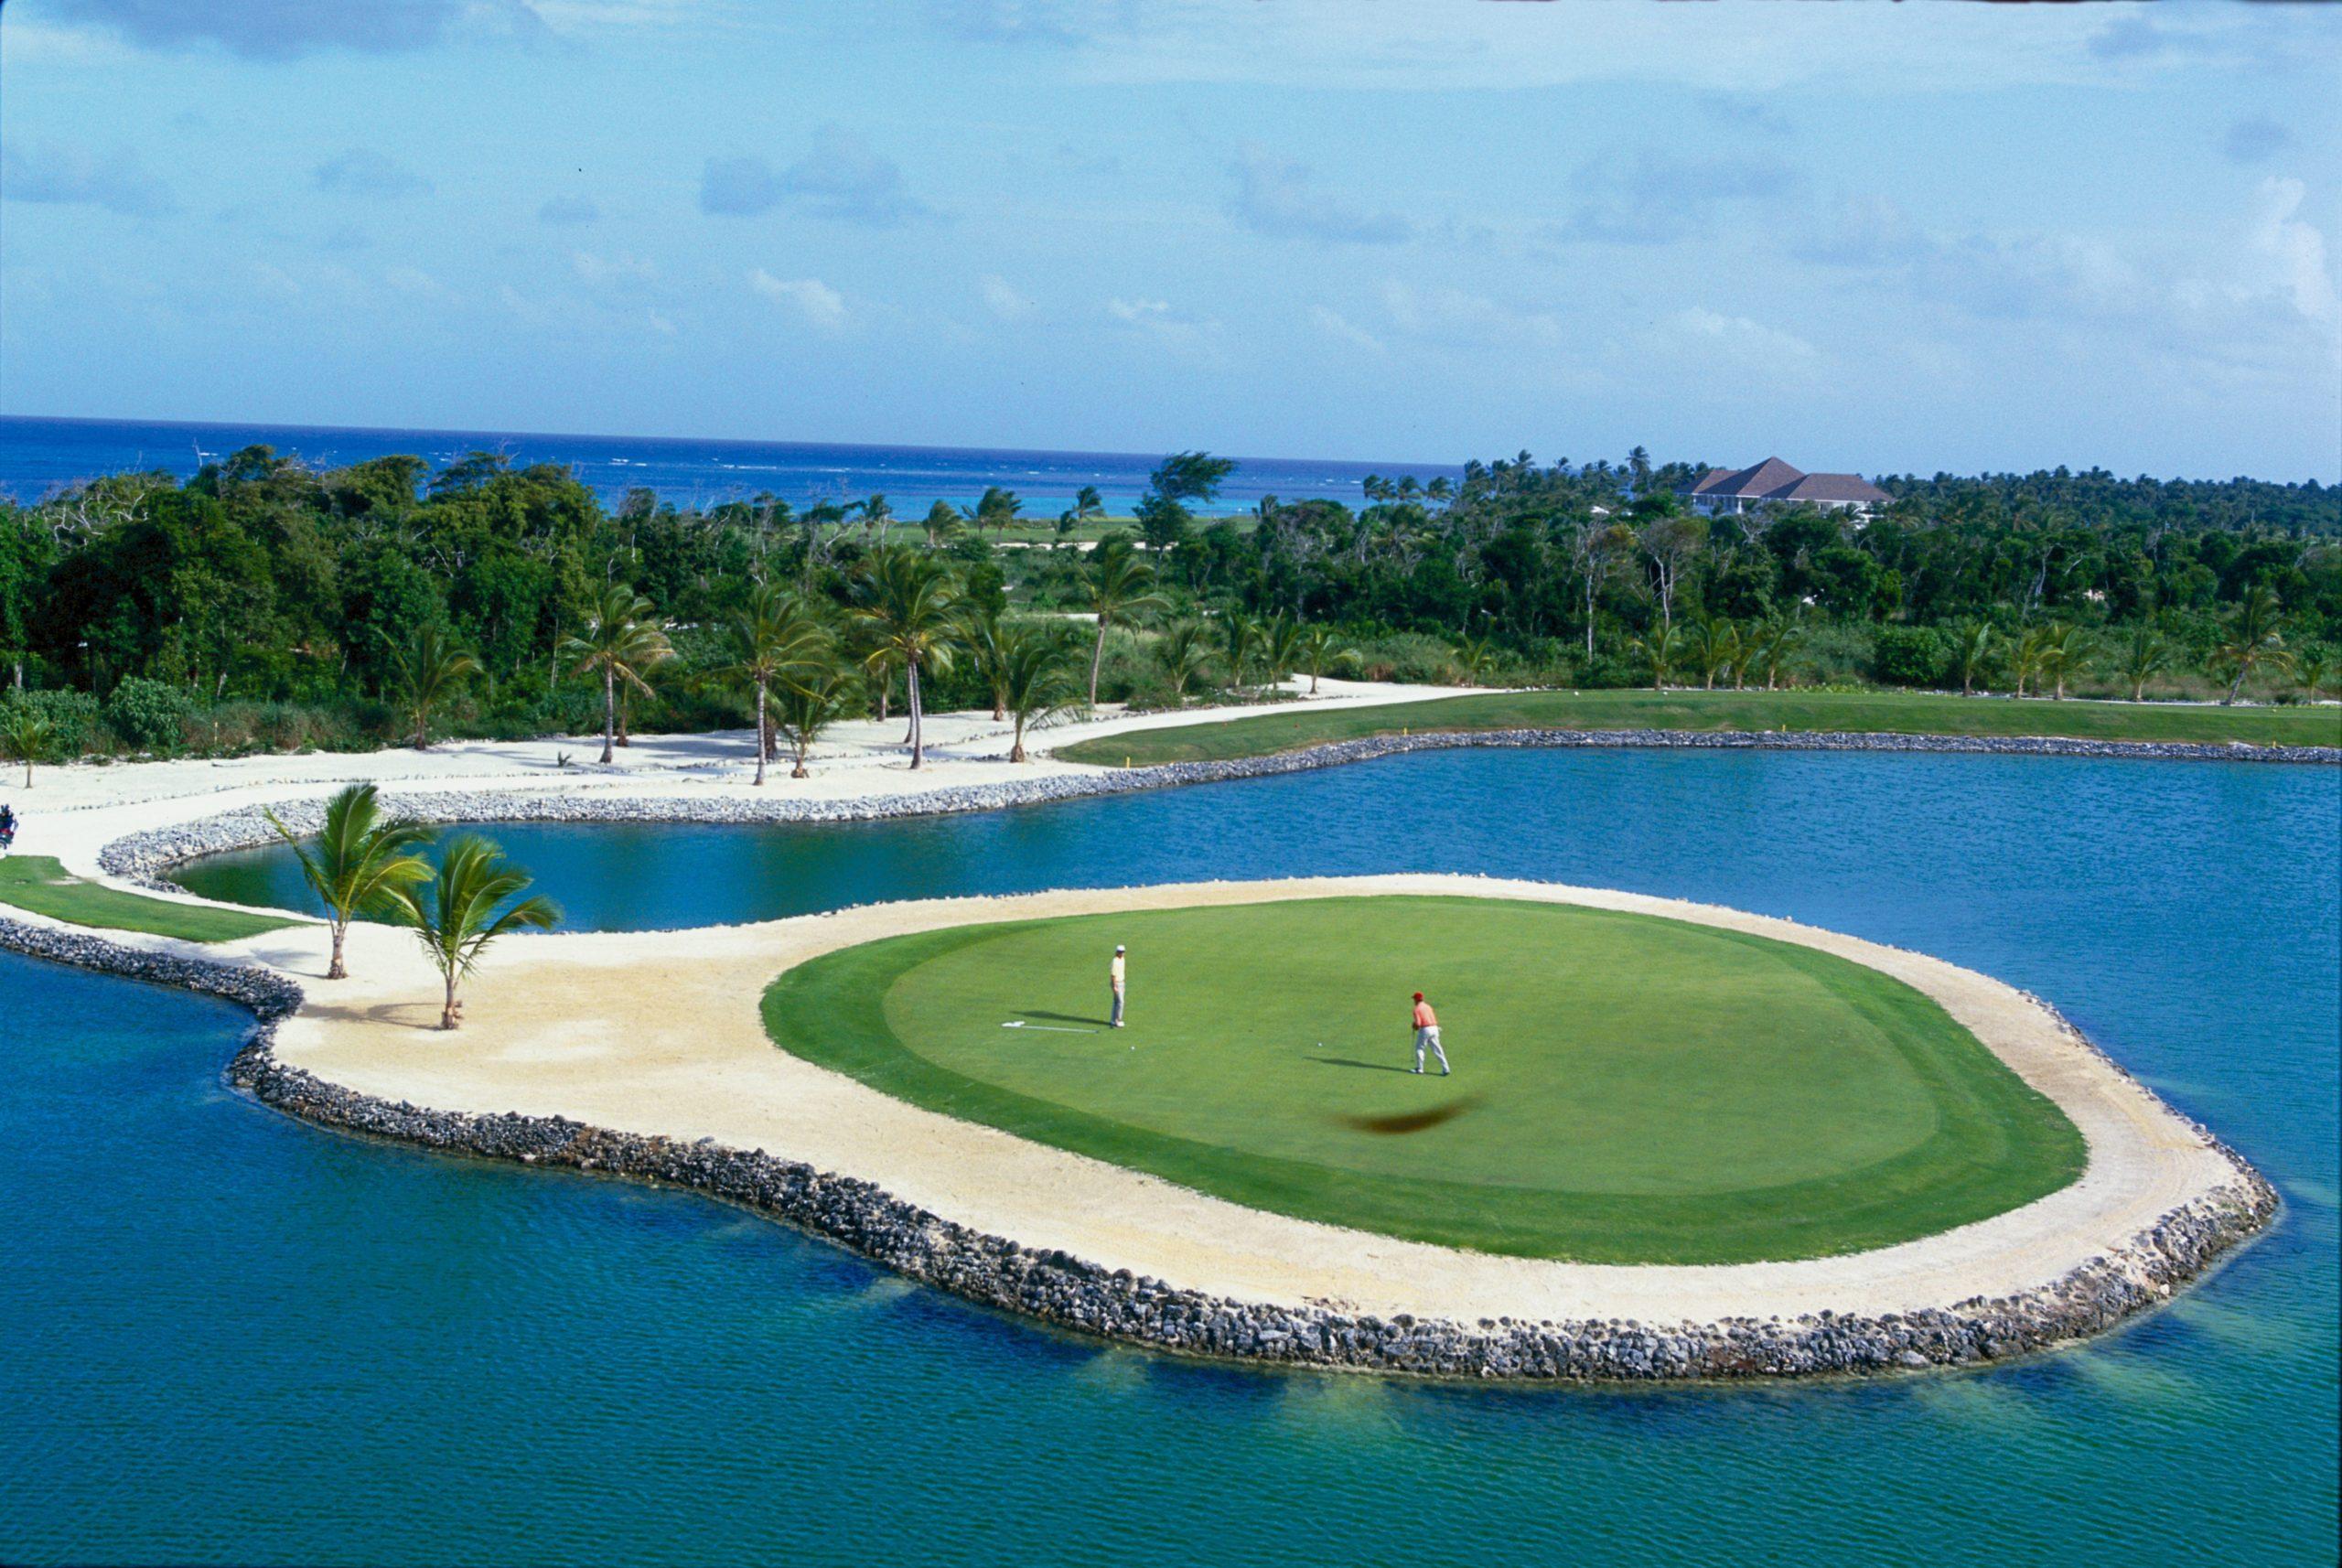 Фот поля для гольфа